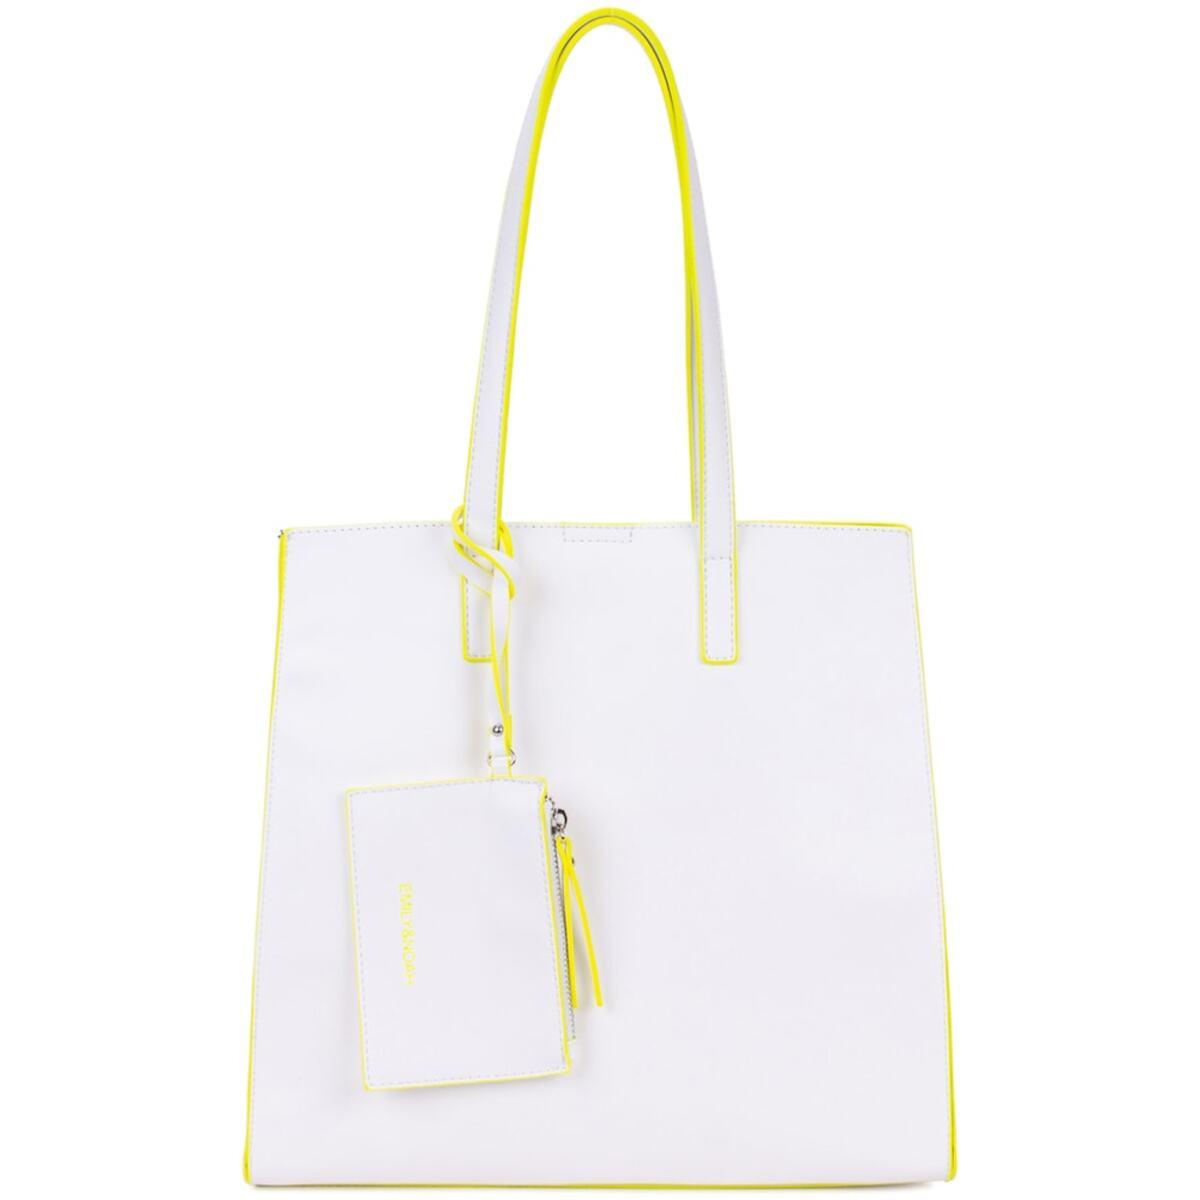 Bild 2 von Emily & Noah Produkte white Shopper 1.0 st